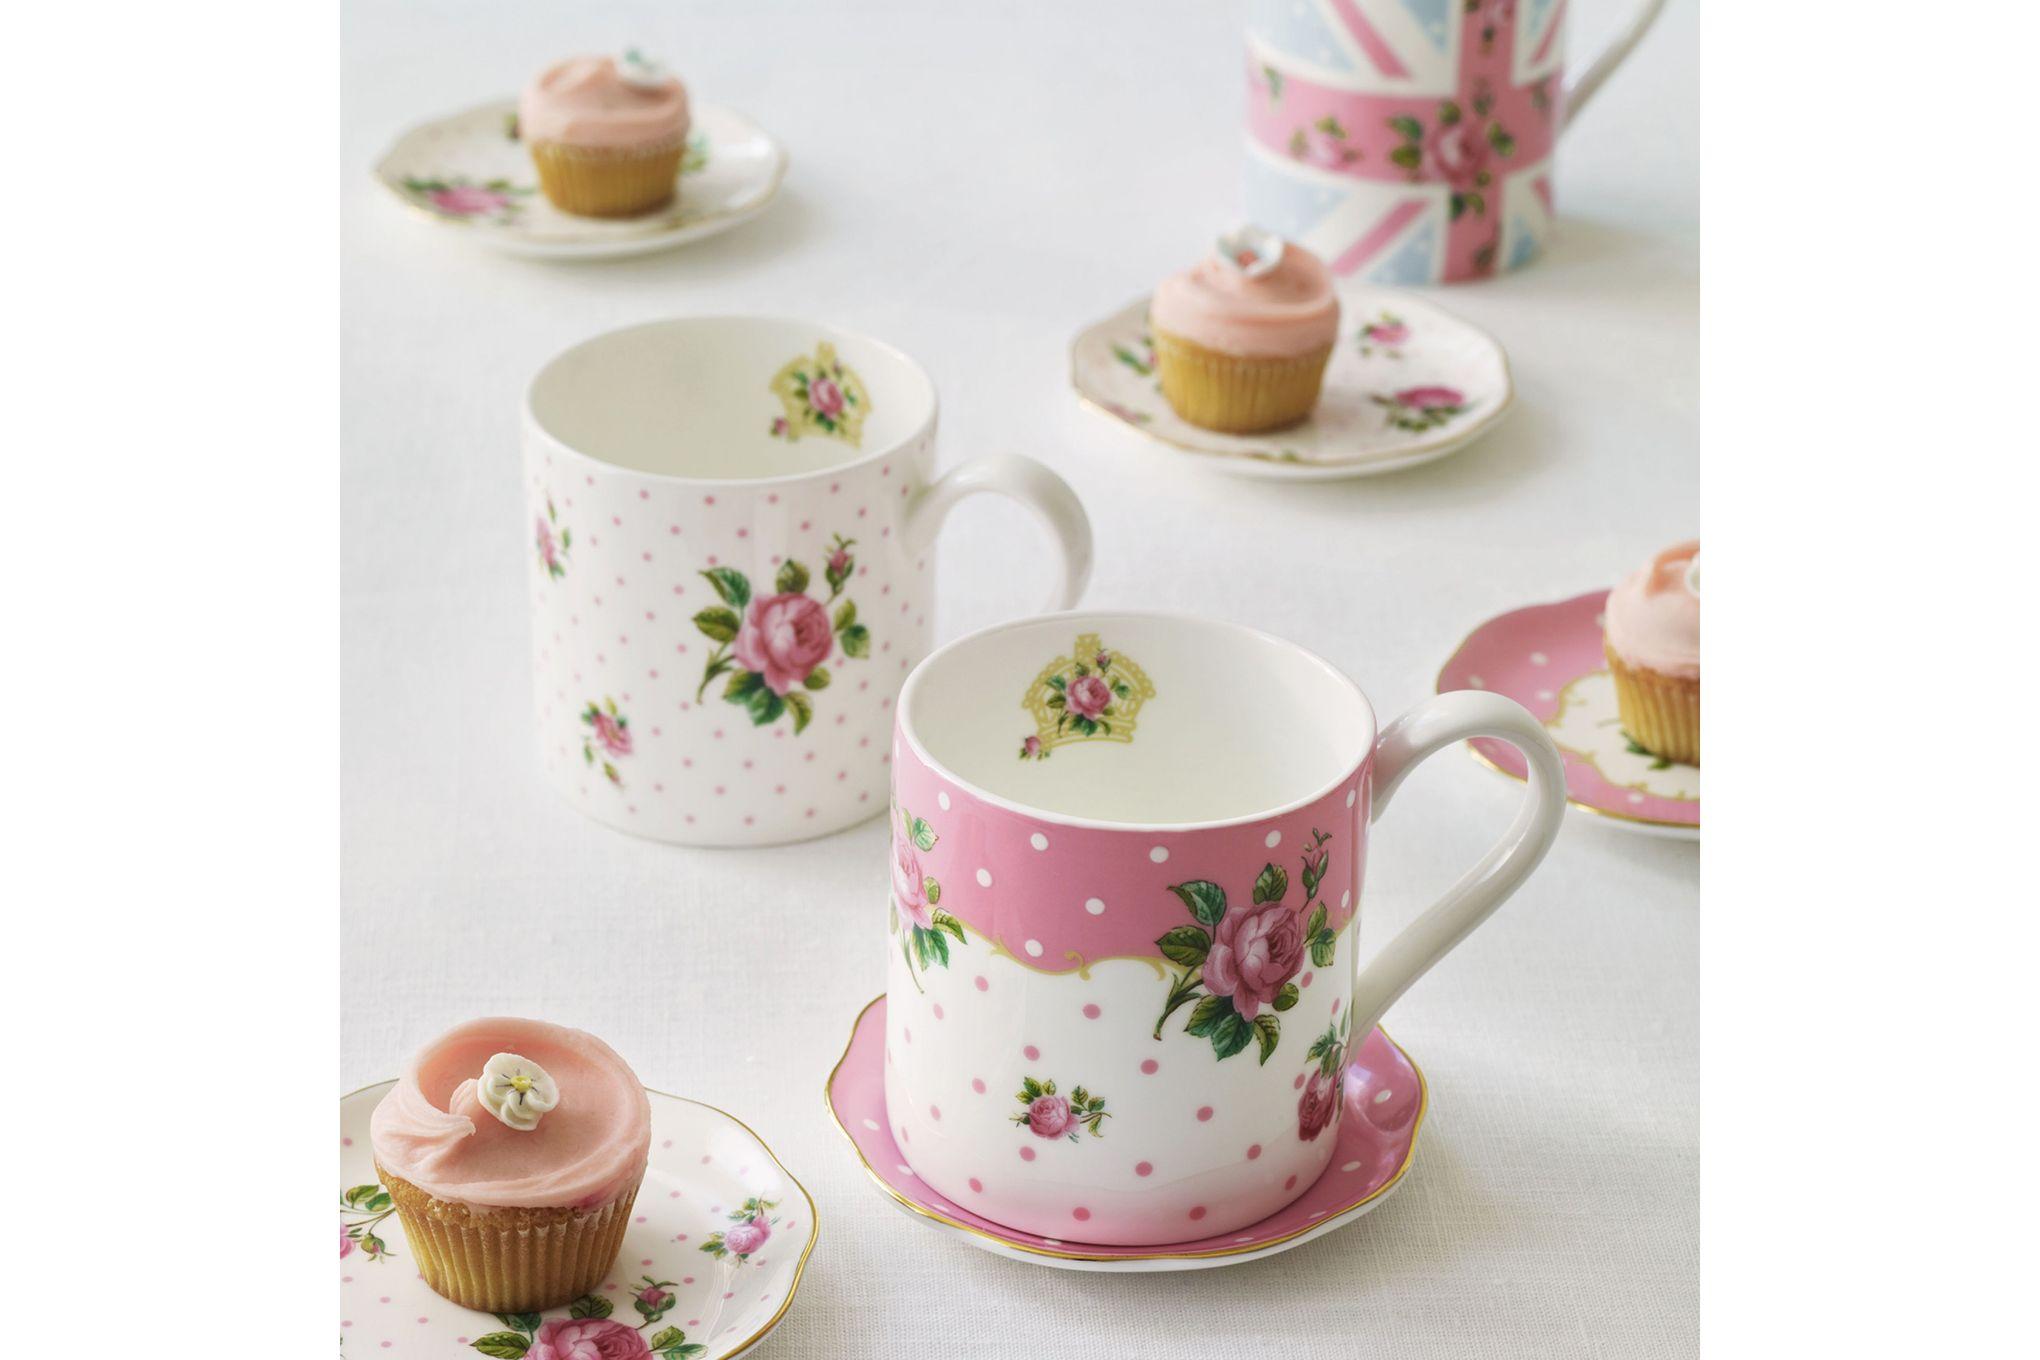 Royal Albert Cheeky Pink Mug Pink Roses - Modern Mug thumb 2